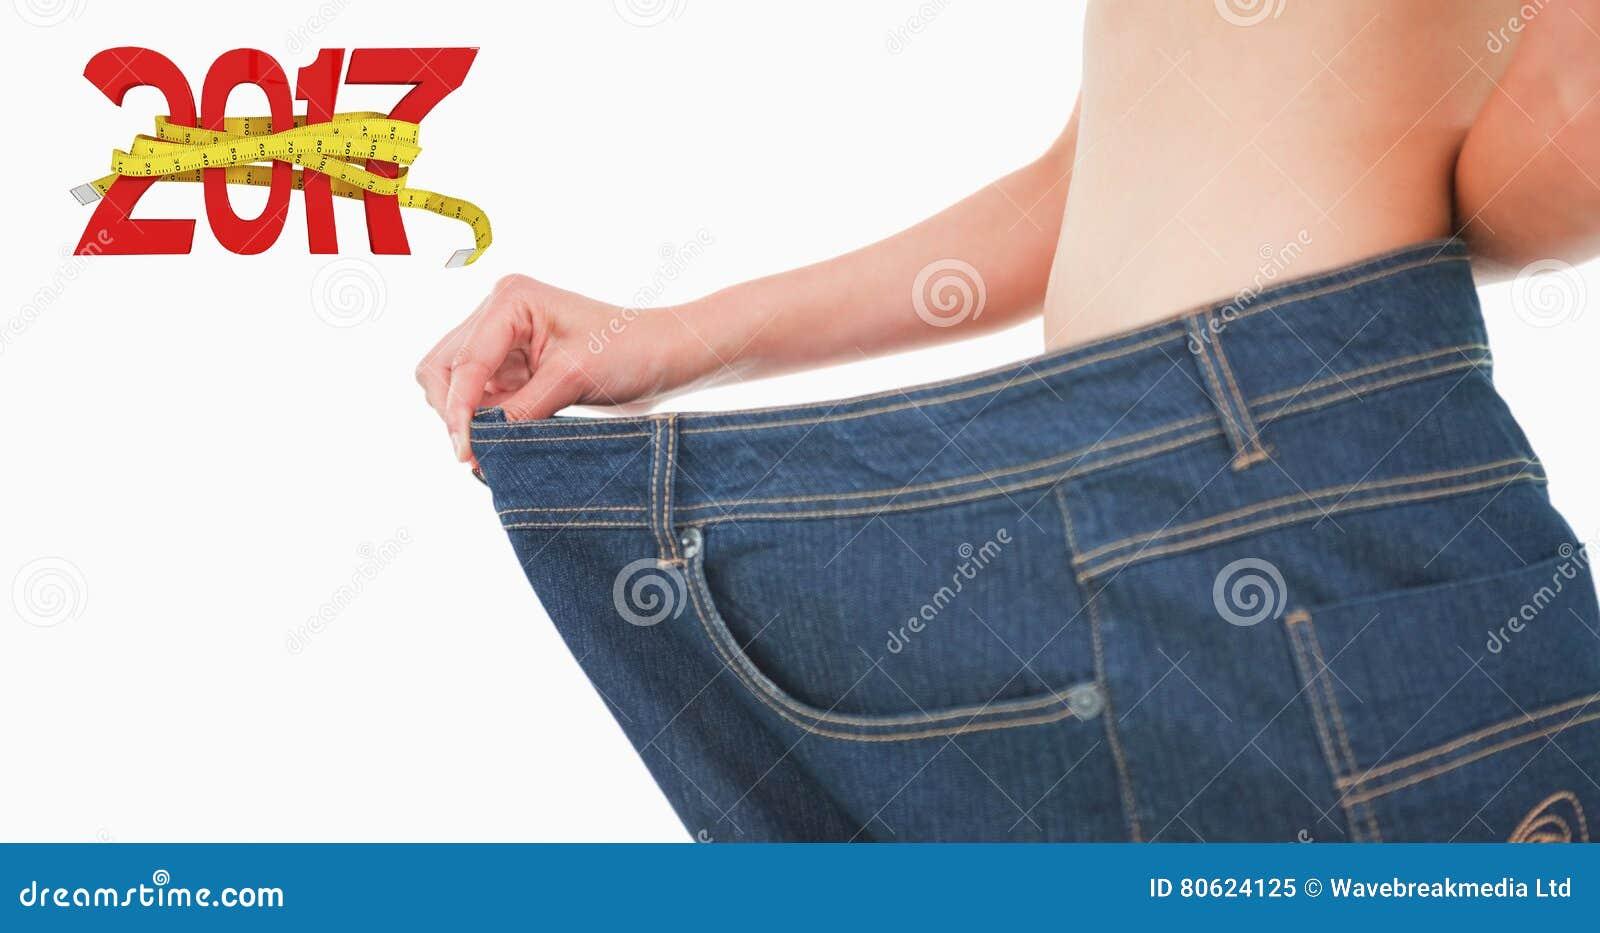 Zusammengesetztes Bild des Abschlusses oben eines Frauenbauches in den zu großen Hosen